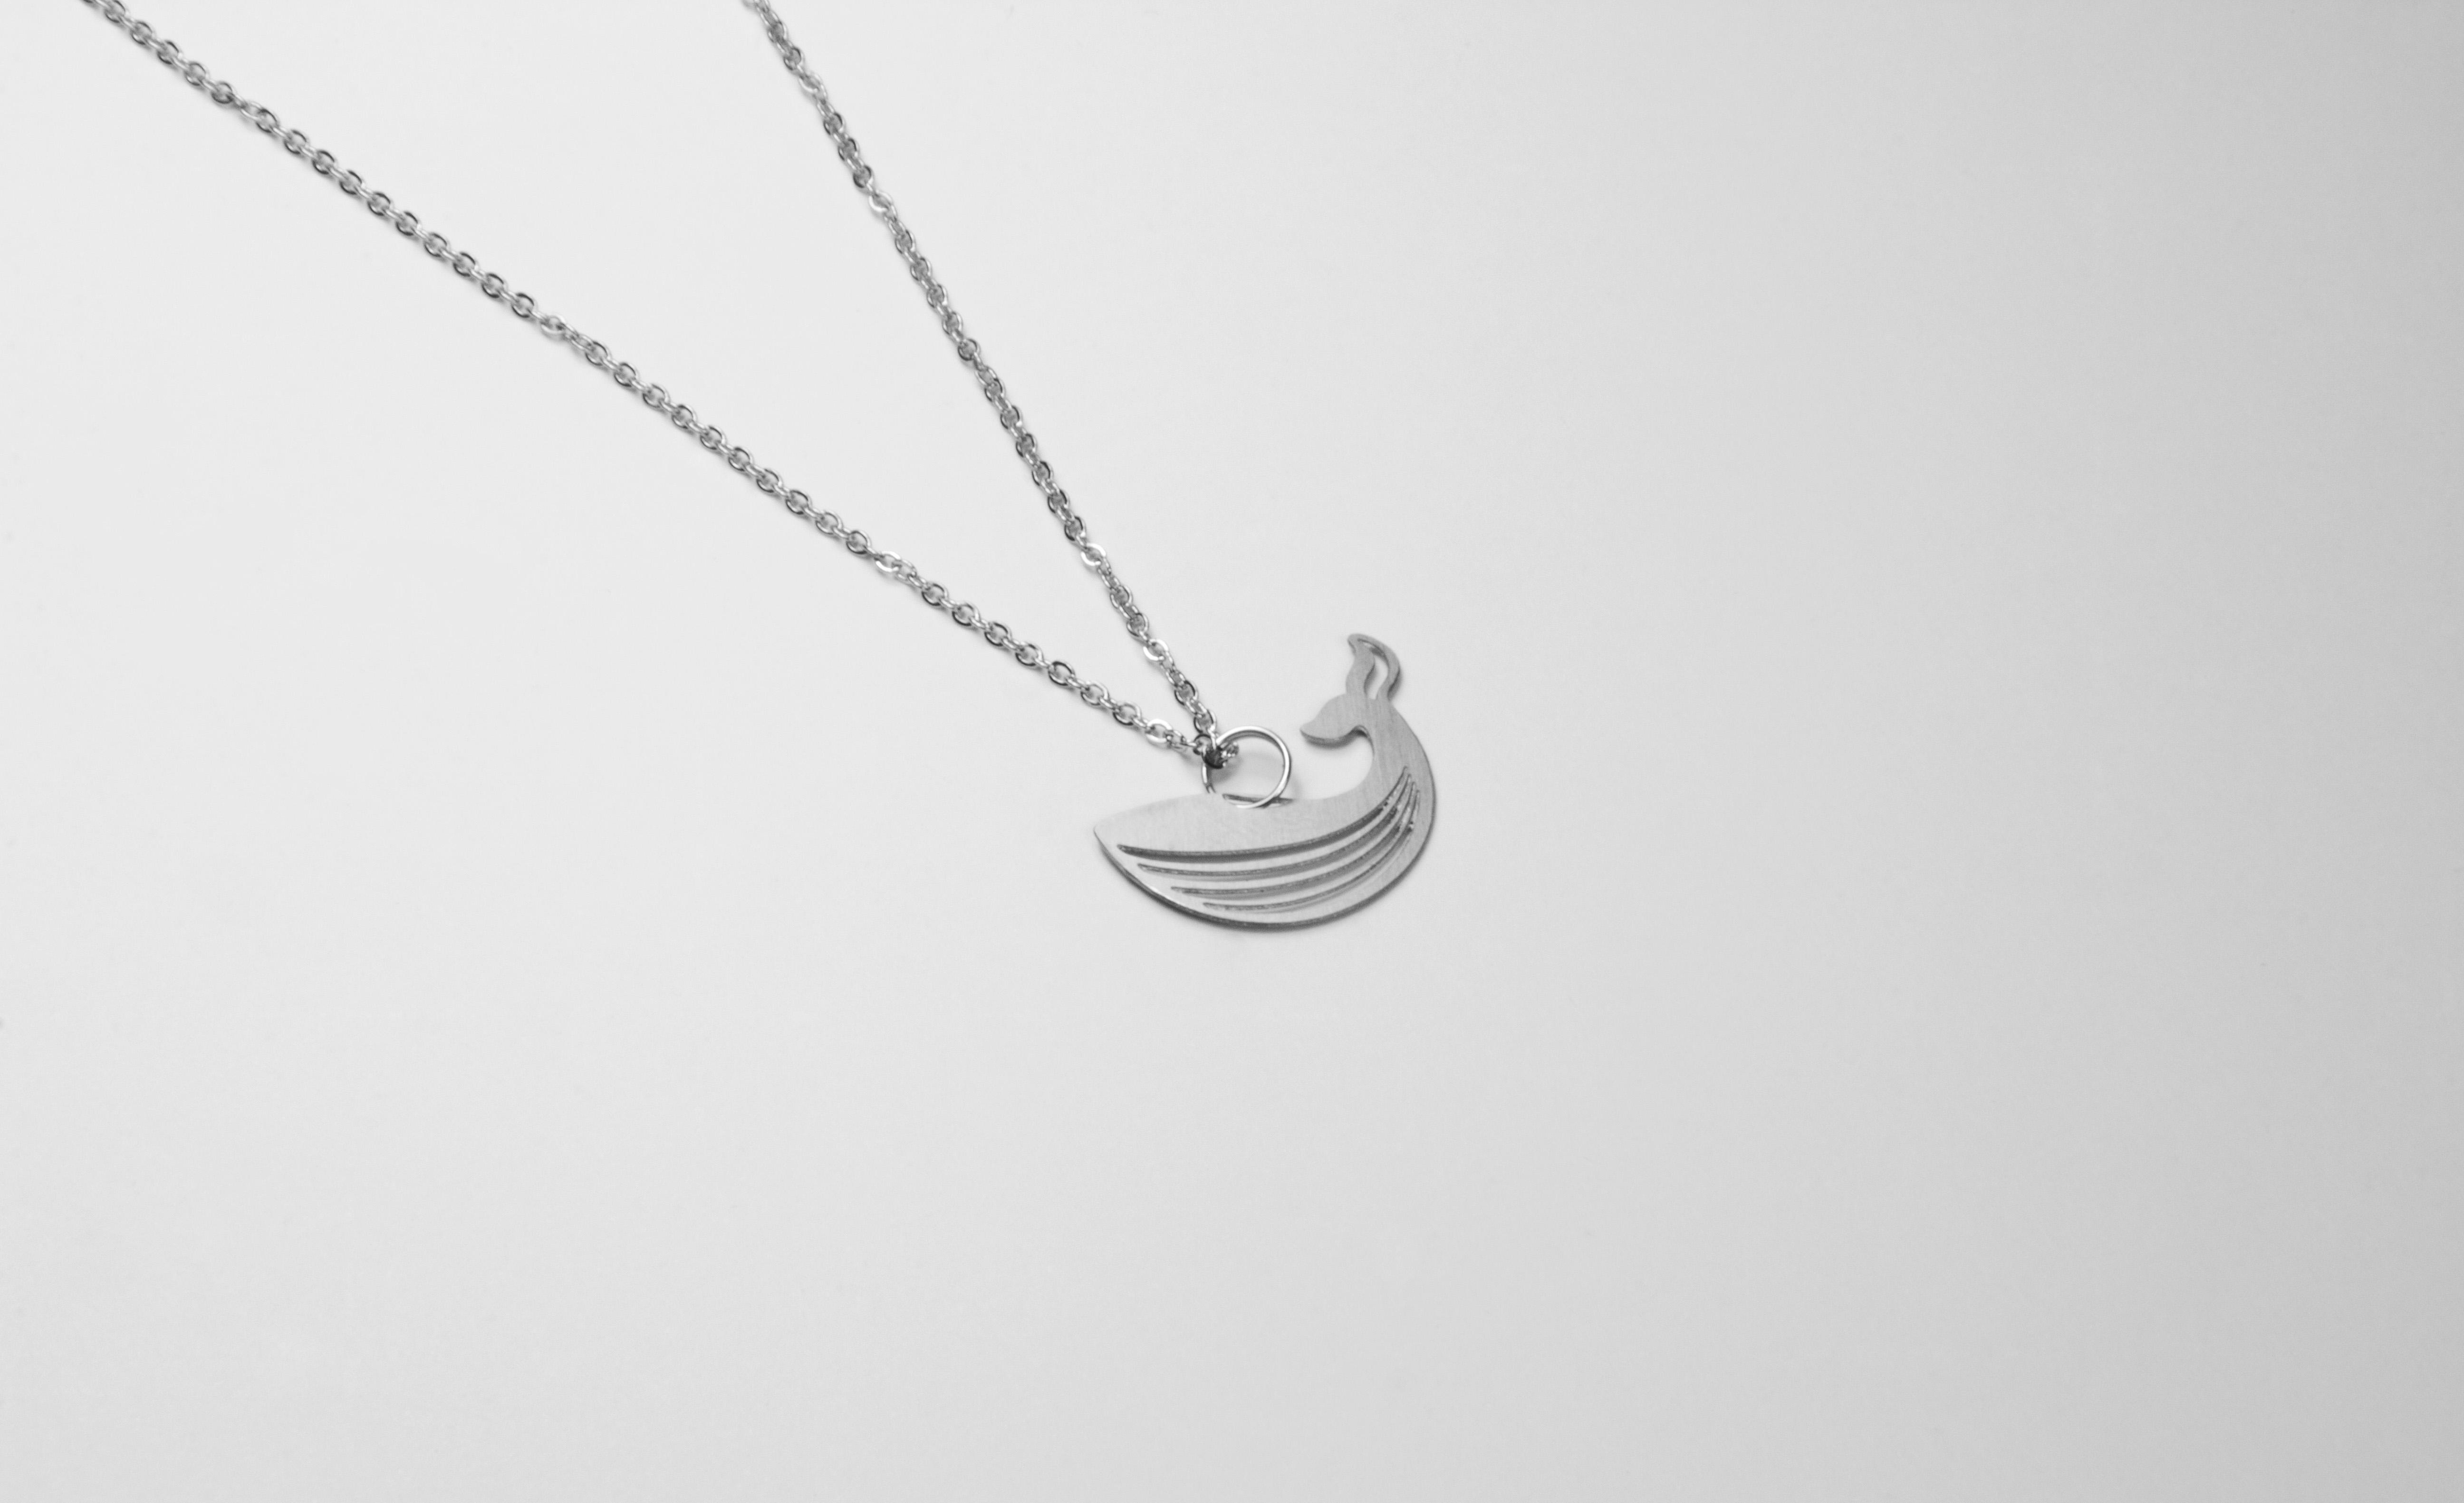 鯨魚項鍊【迷你款】_動物系列_造題